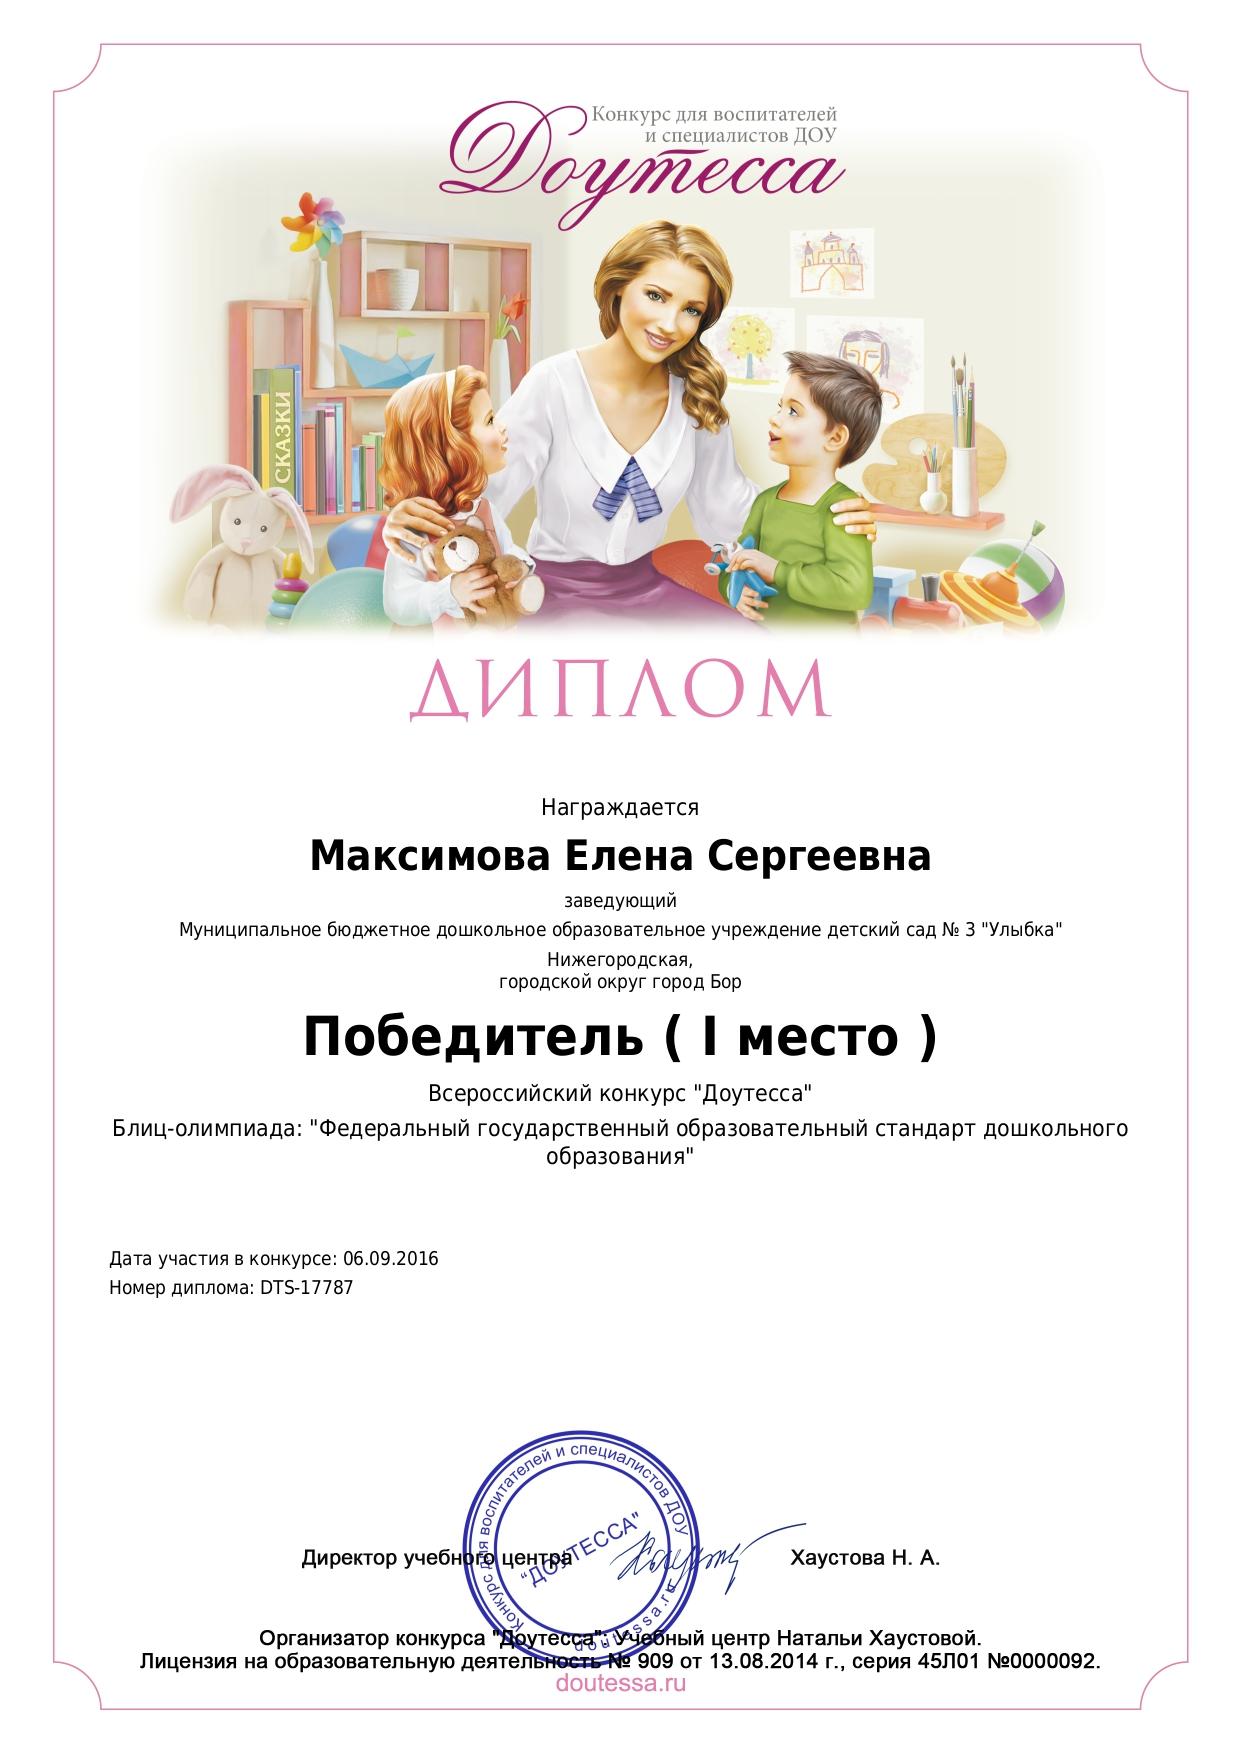 diplom_author_17787-1_page-0001.jpg